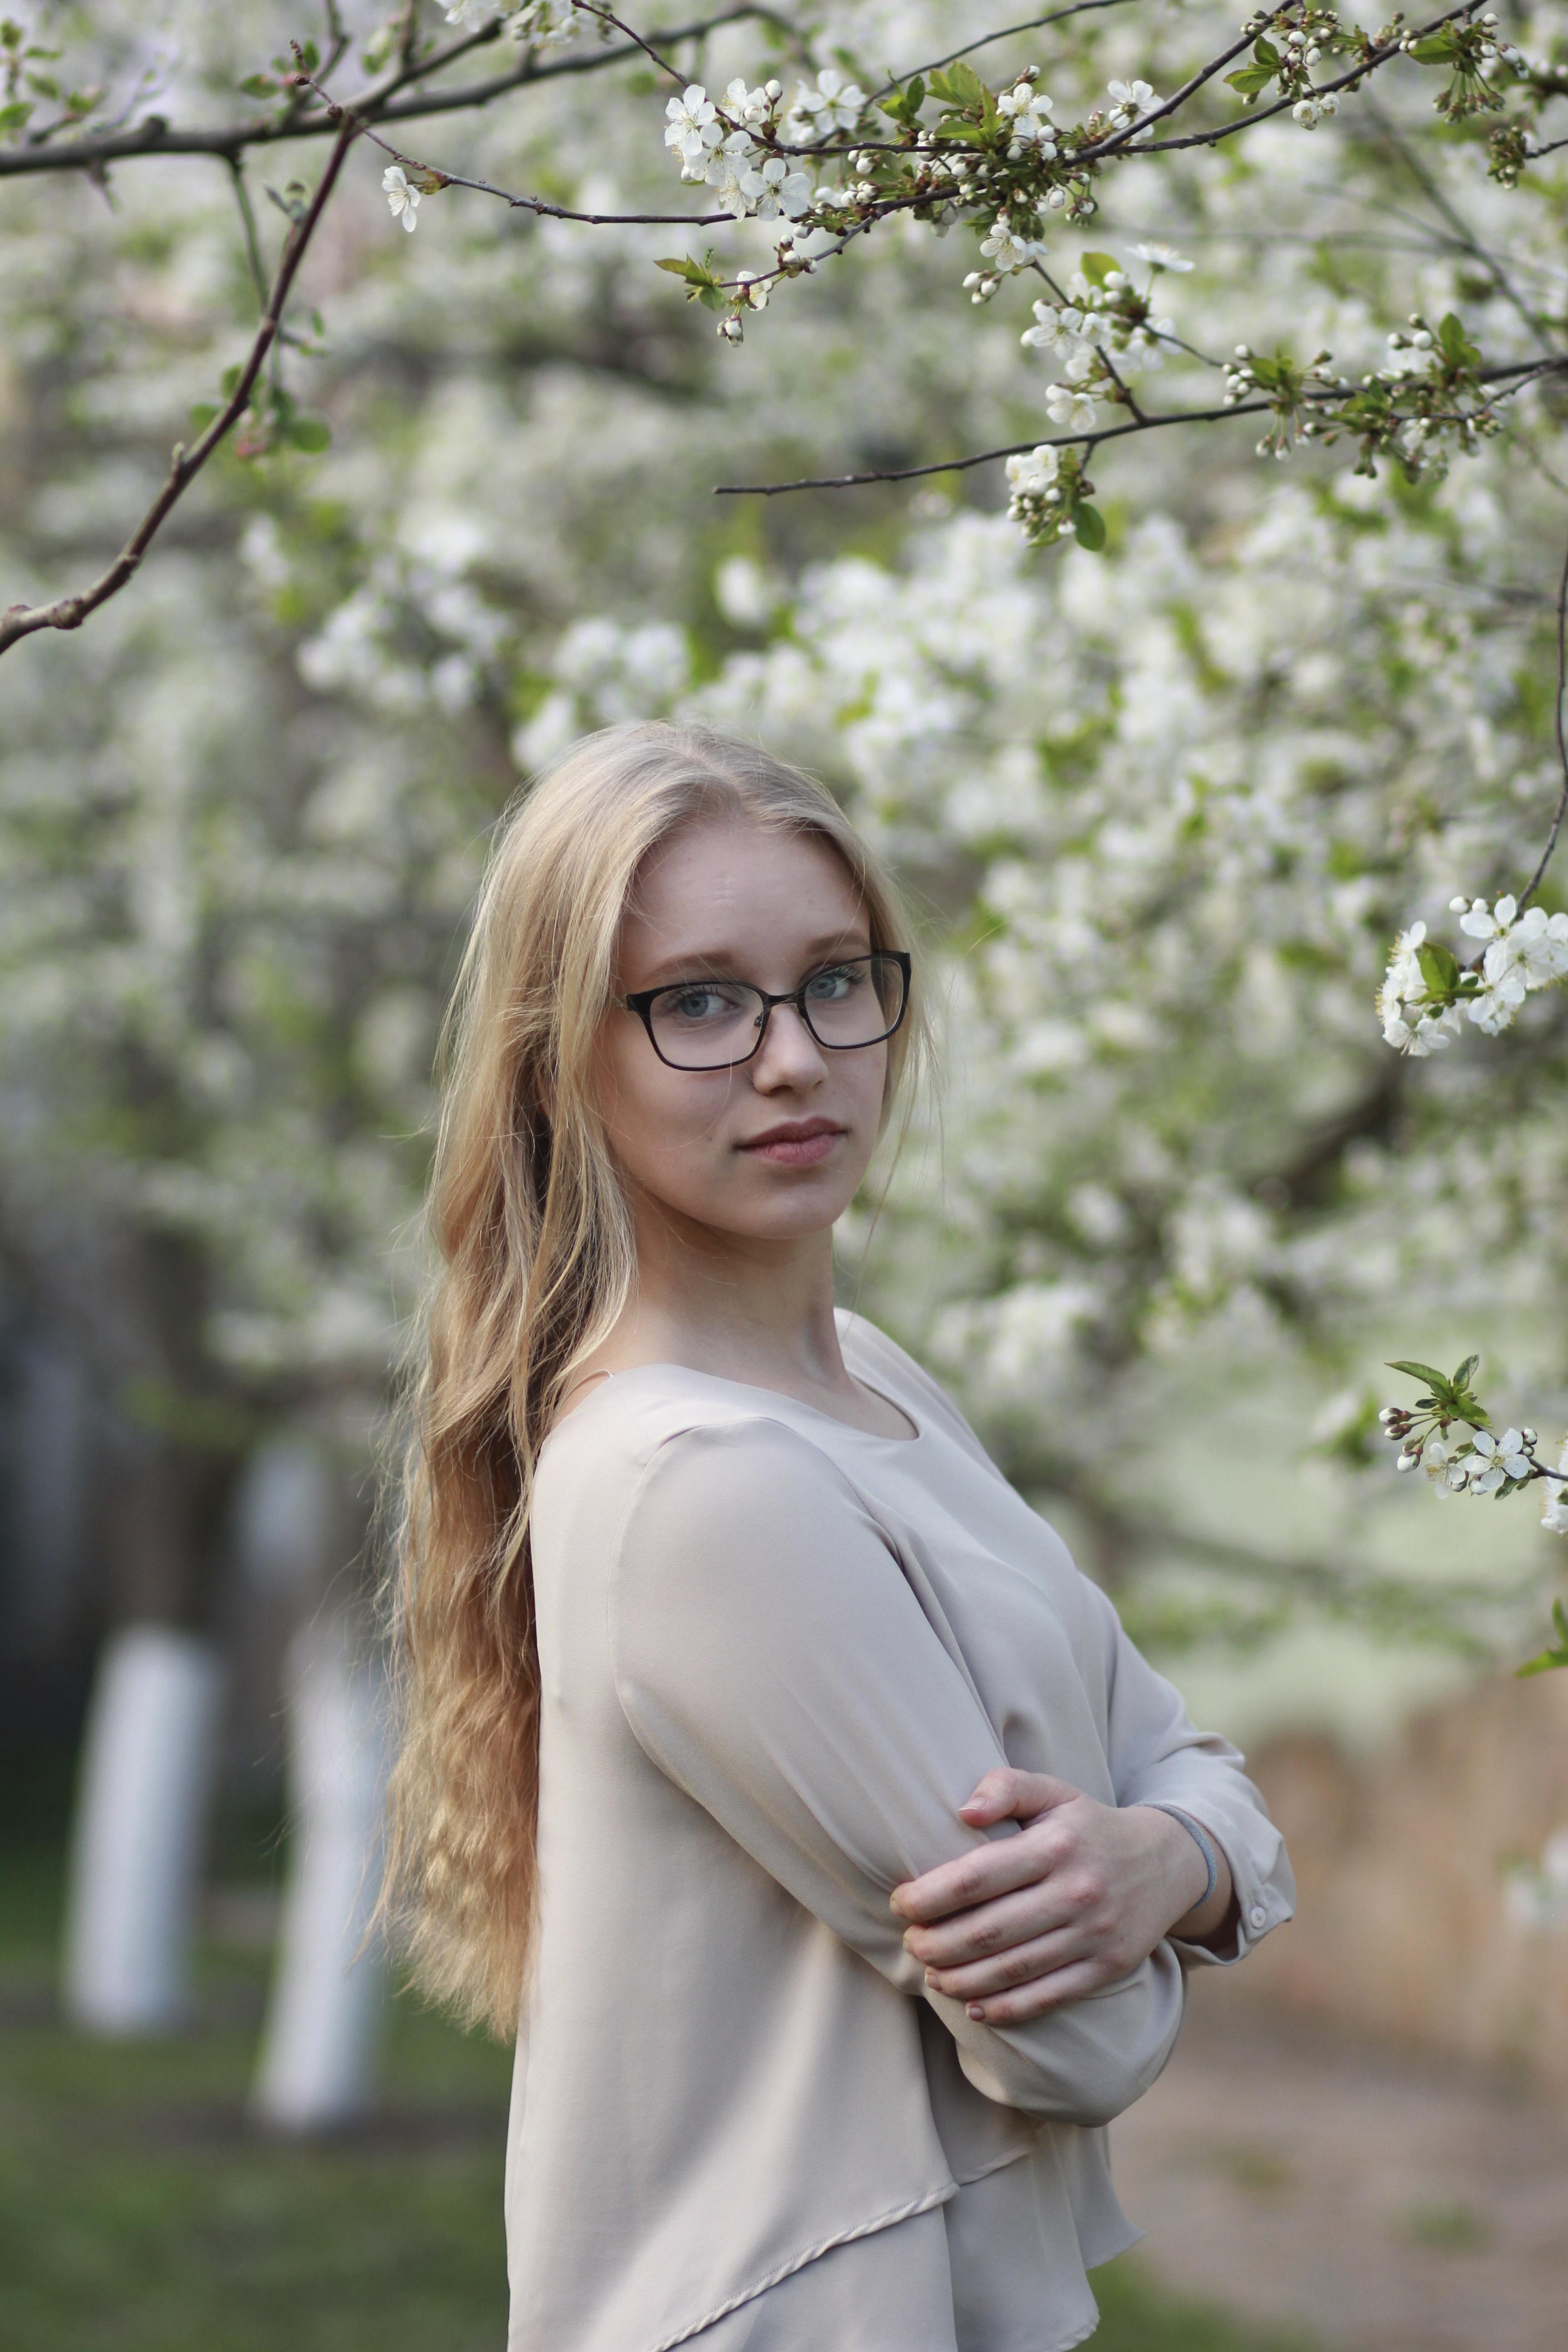 ANNA PROSTAKOVA